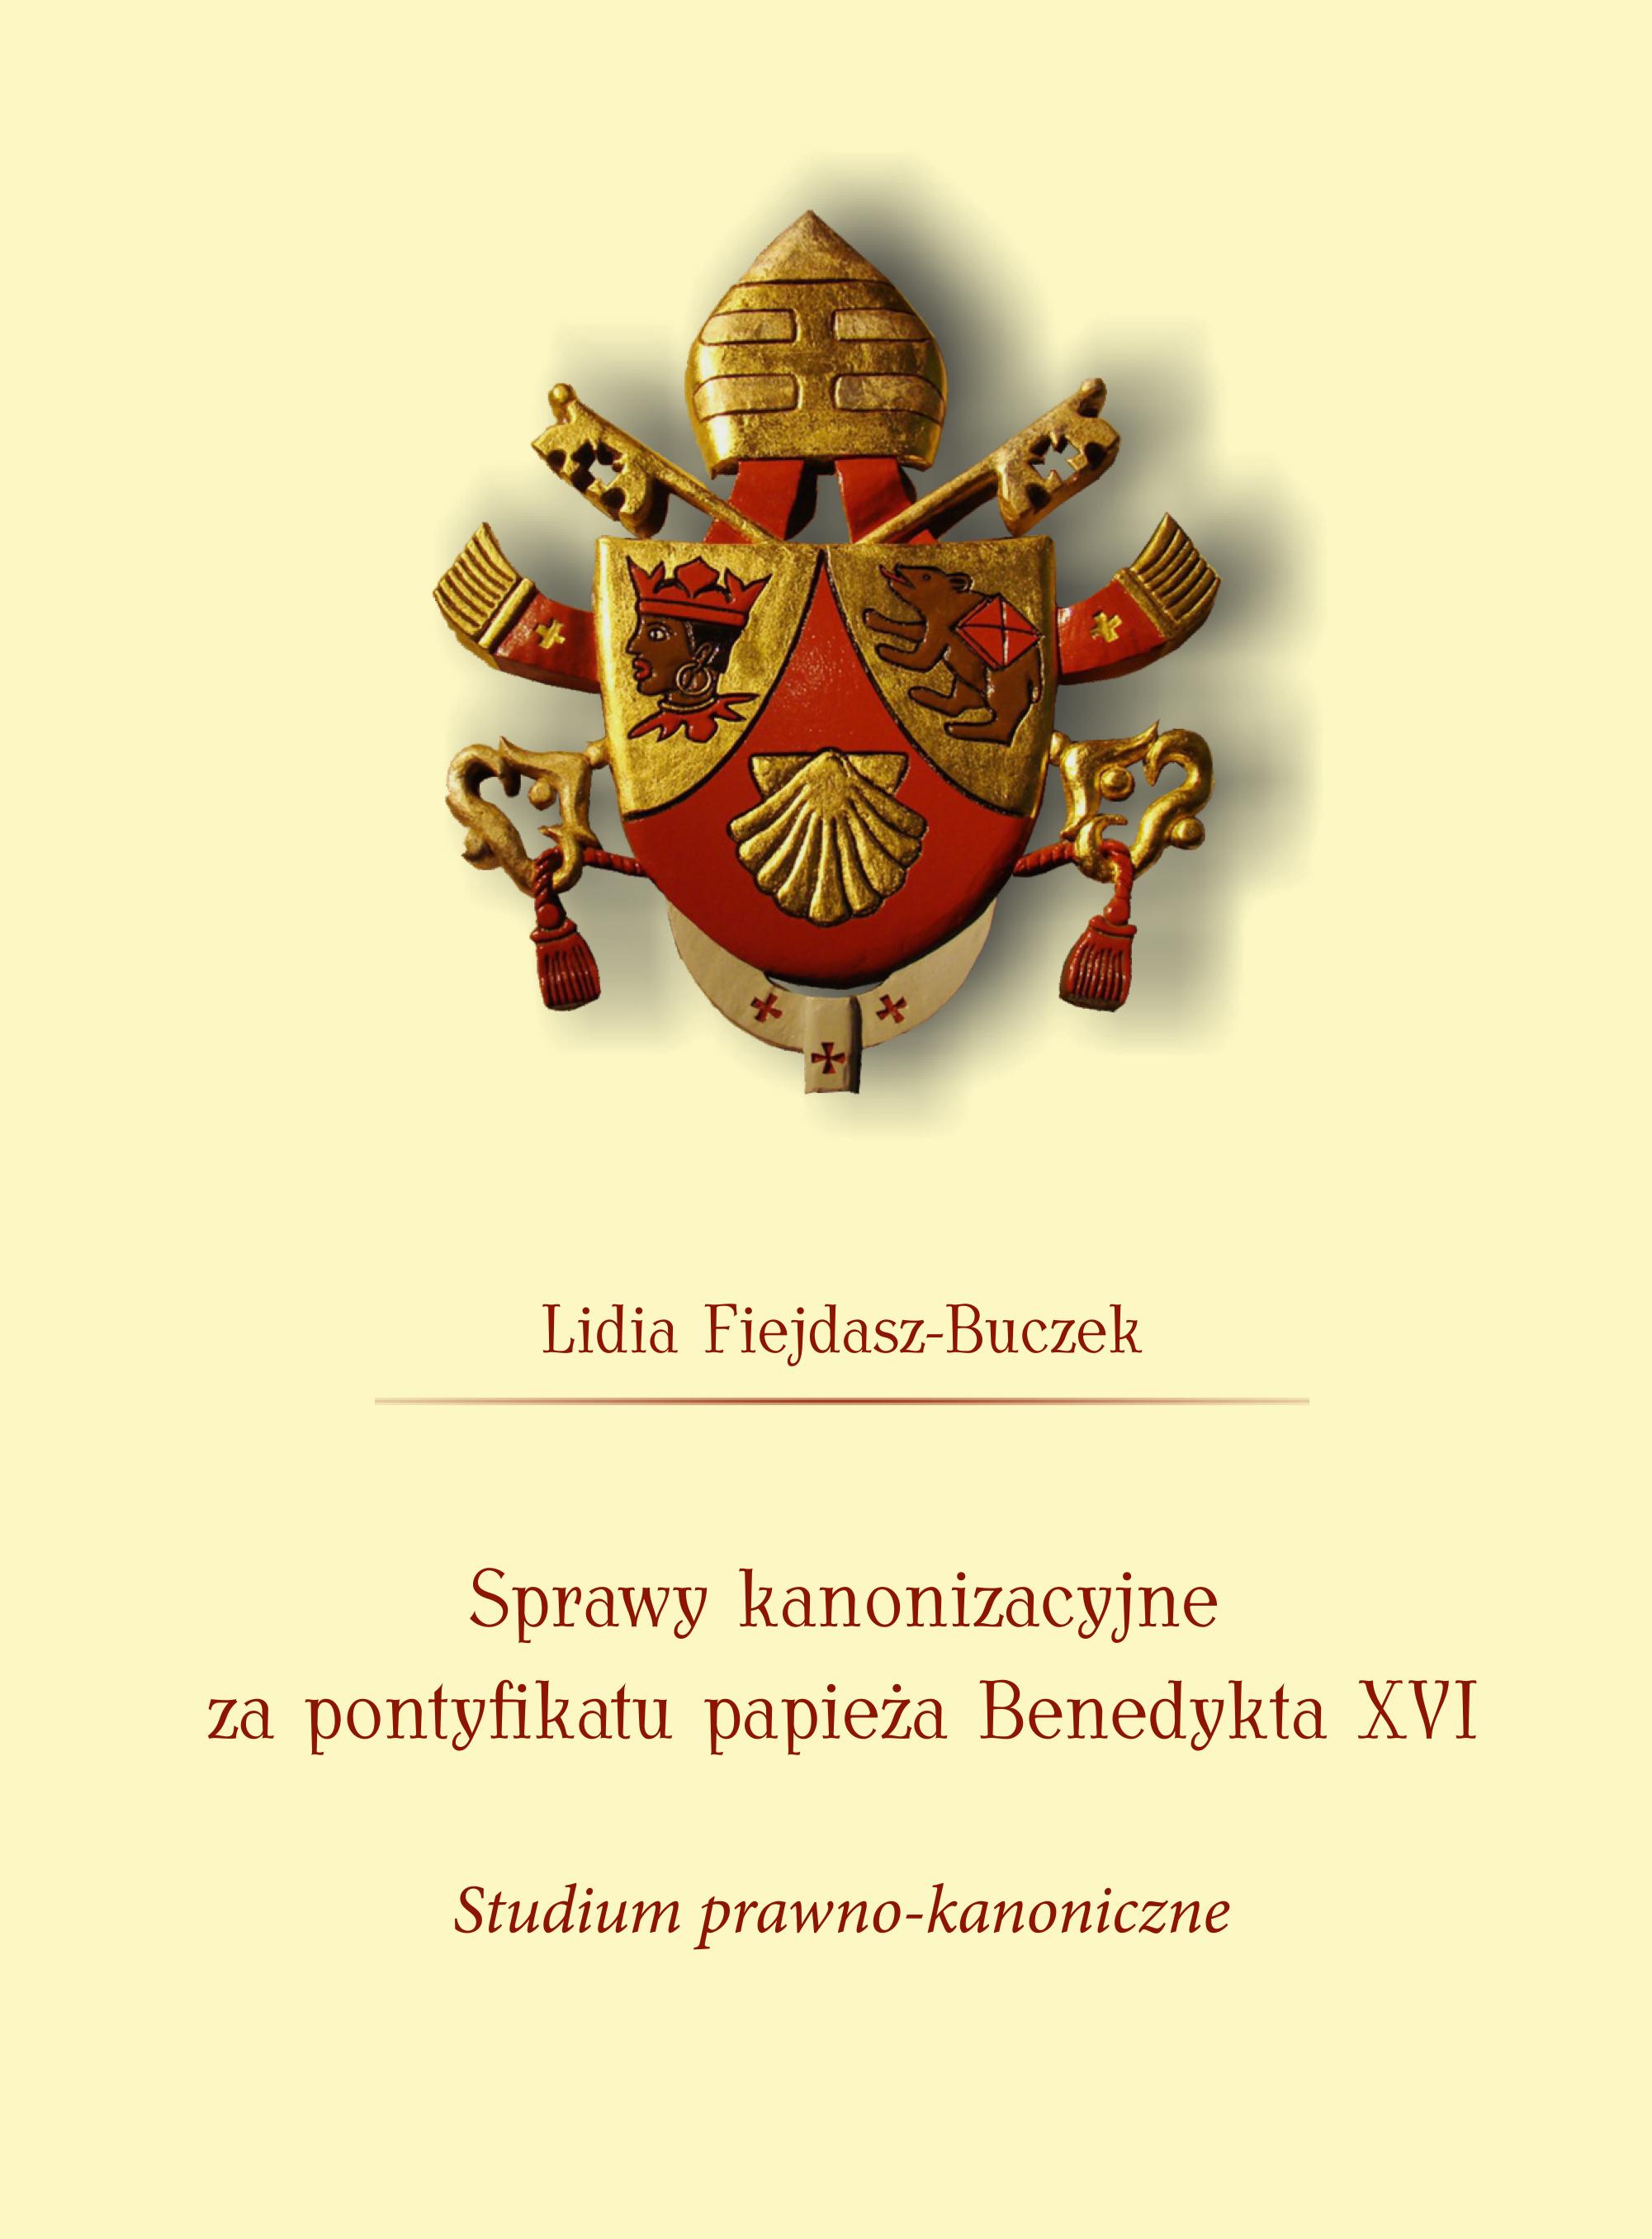 Znalezione obrazy dla zapytania: lidia fiejdasz-Buczek